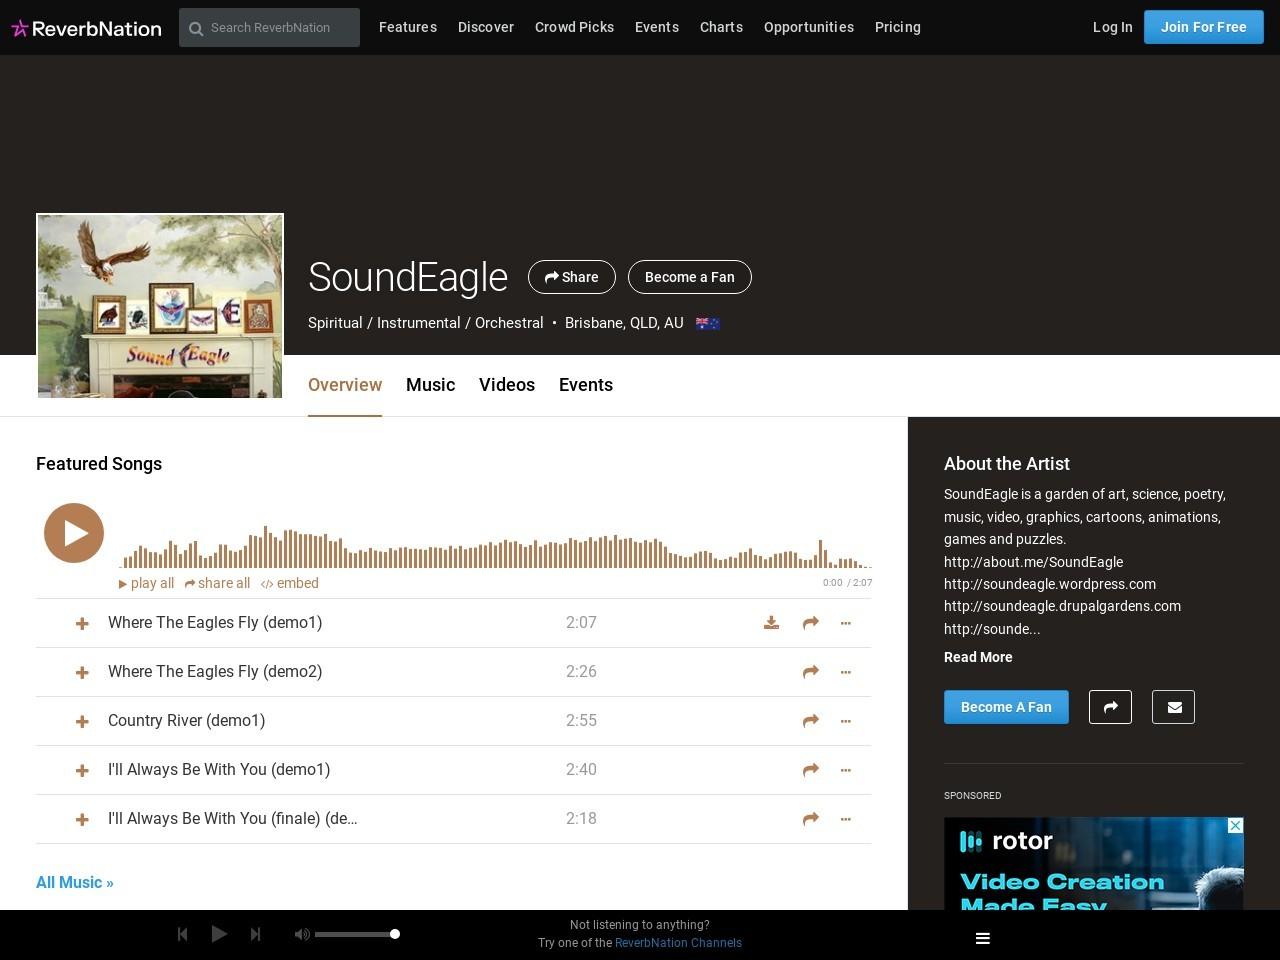 SoundEagle on ReverbNation